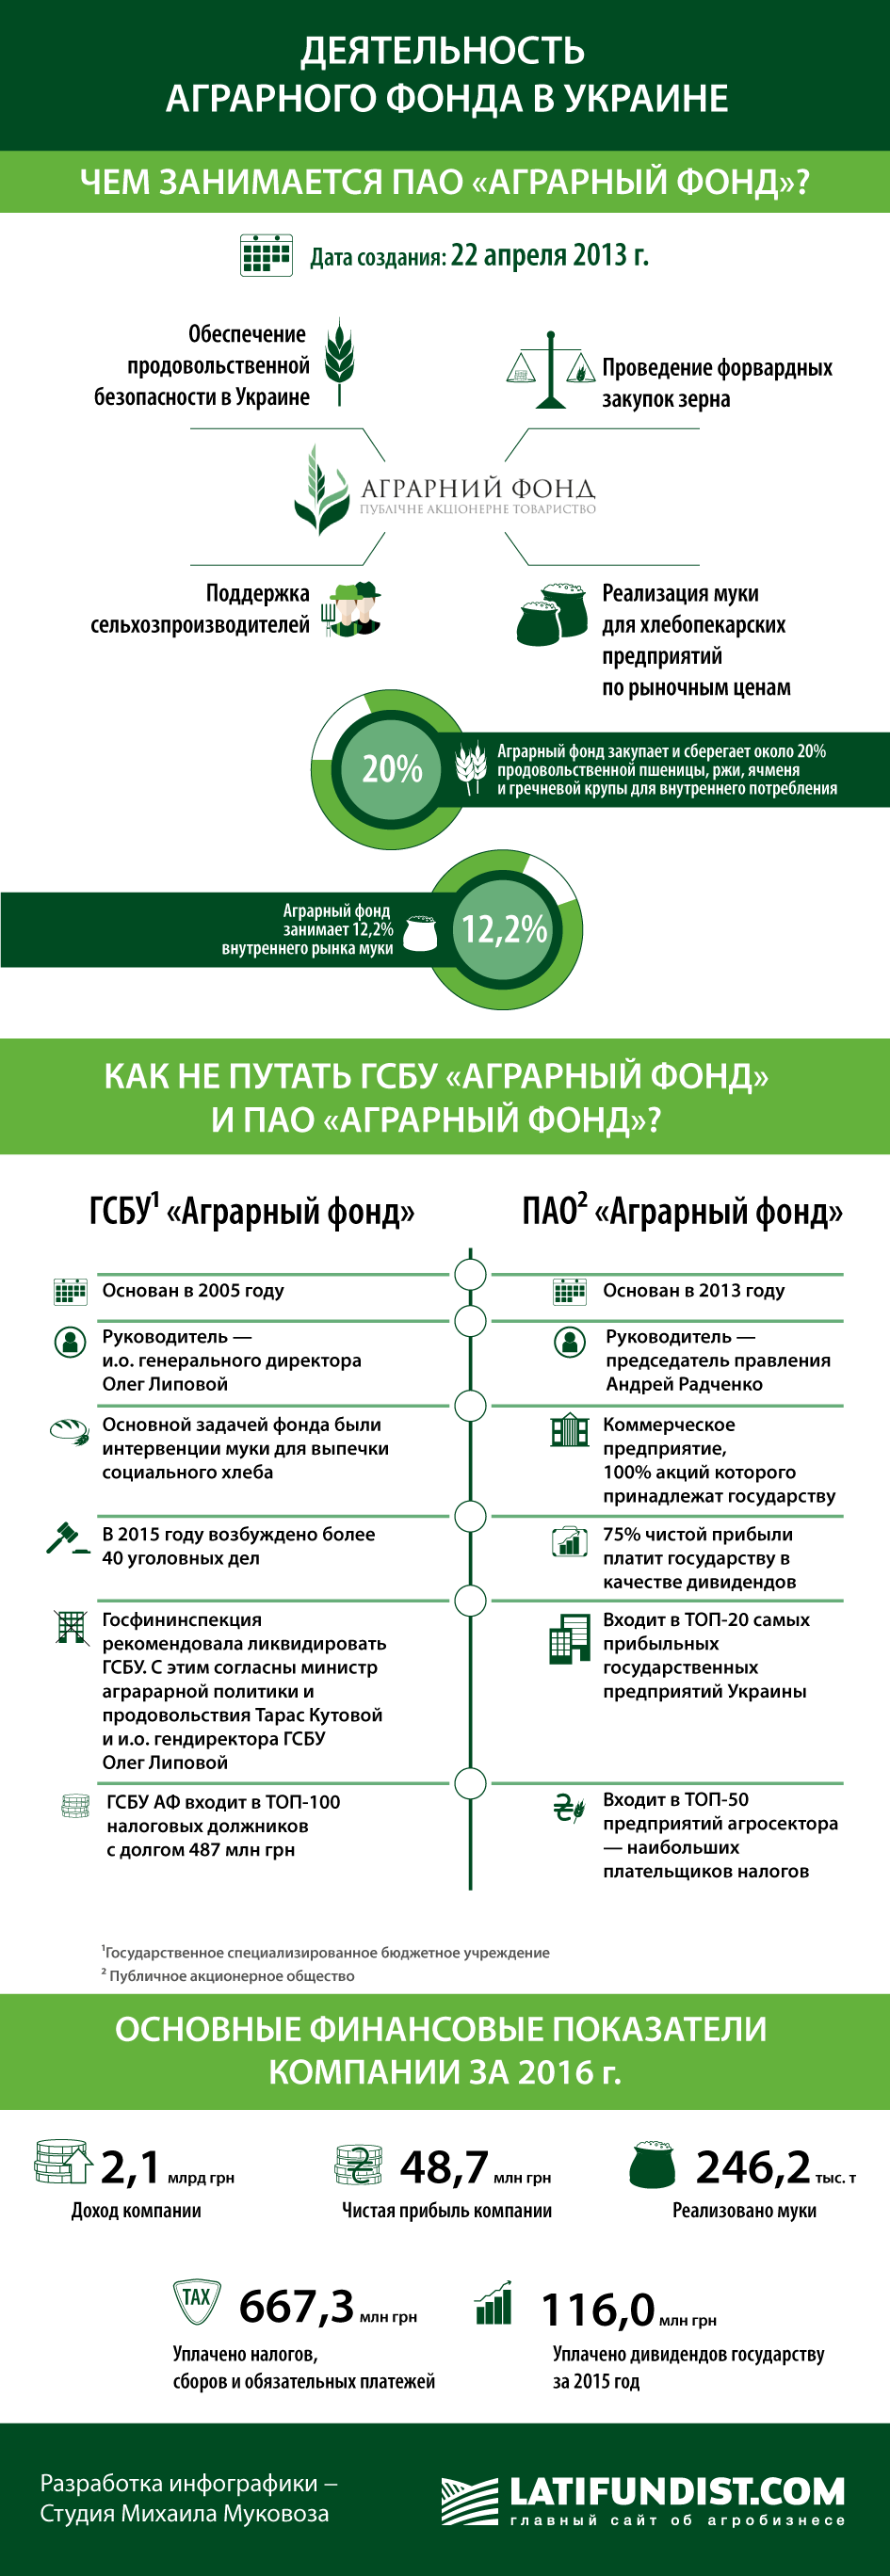 Деятельность Аграрного фонда в Украине